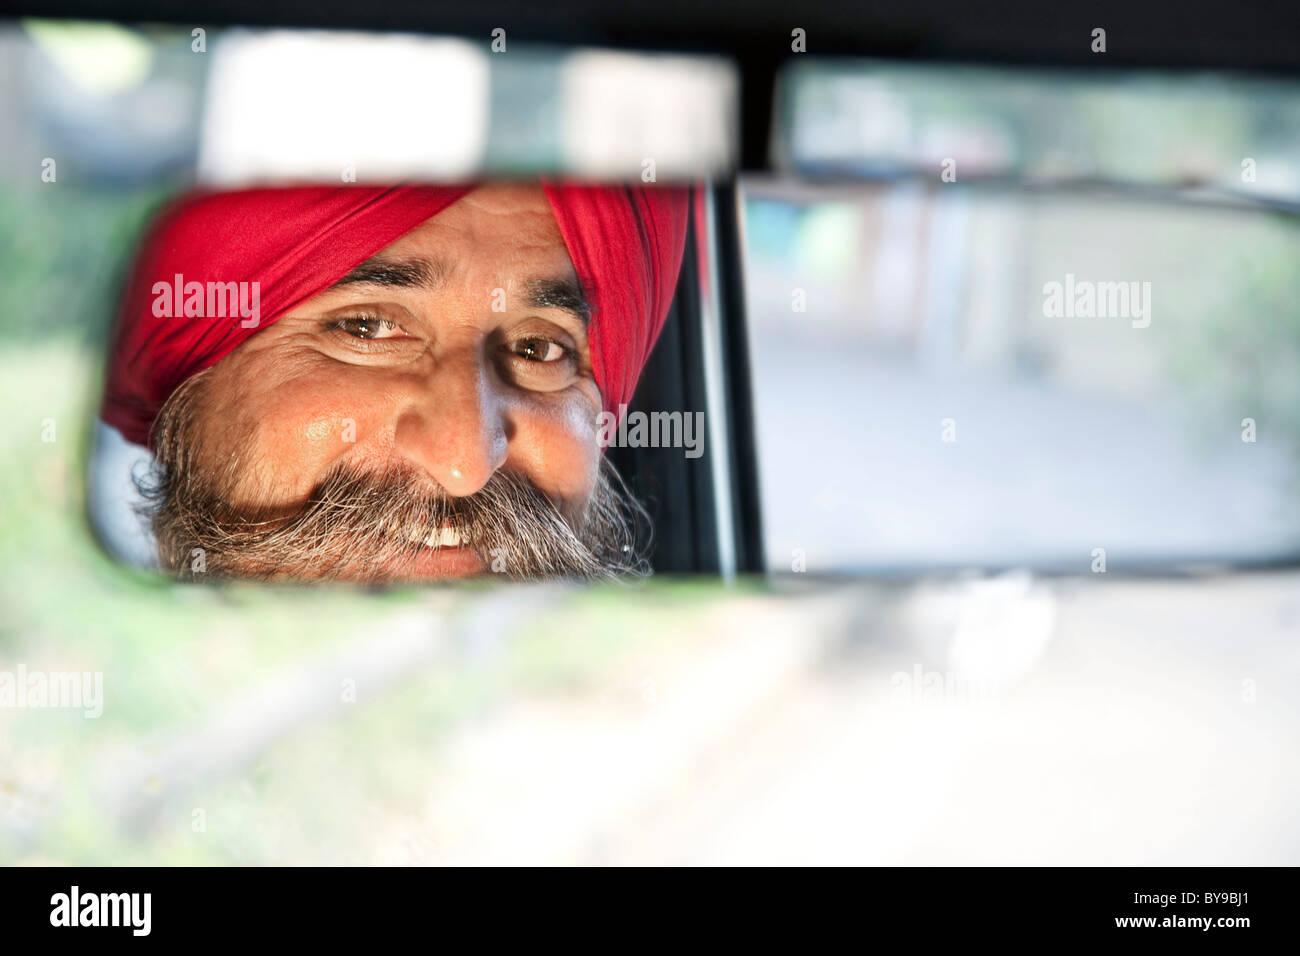 Taxista sij mirando en el espejo retrovisor Imagen De Stock